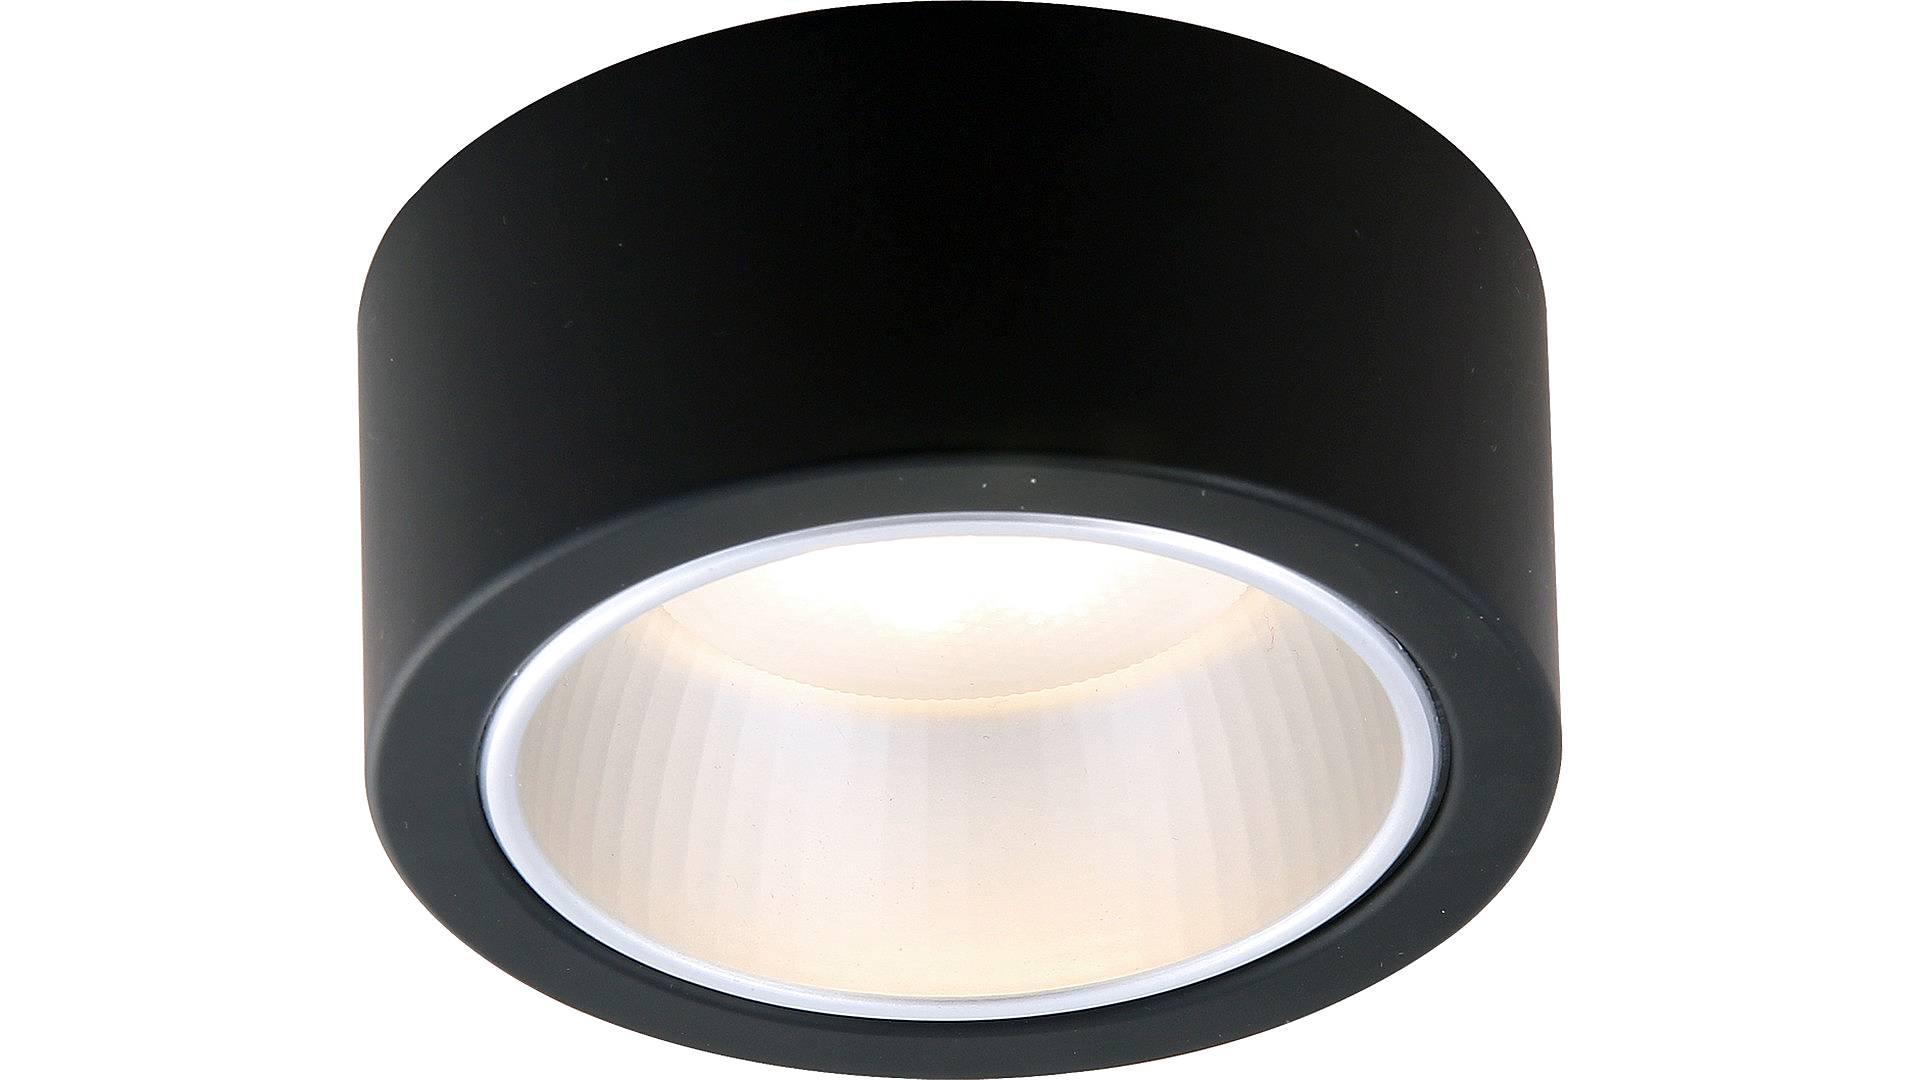 Фото товара A5553PL-1BK Arte Lamp